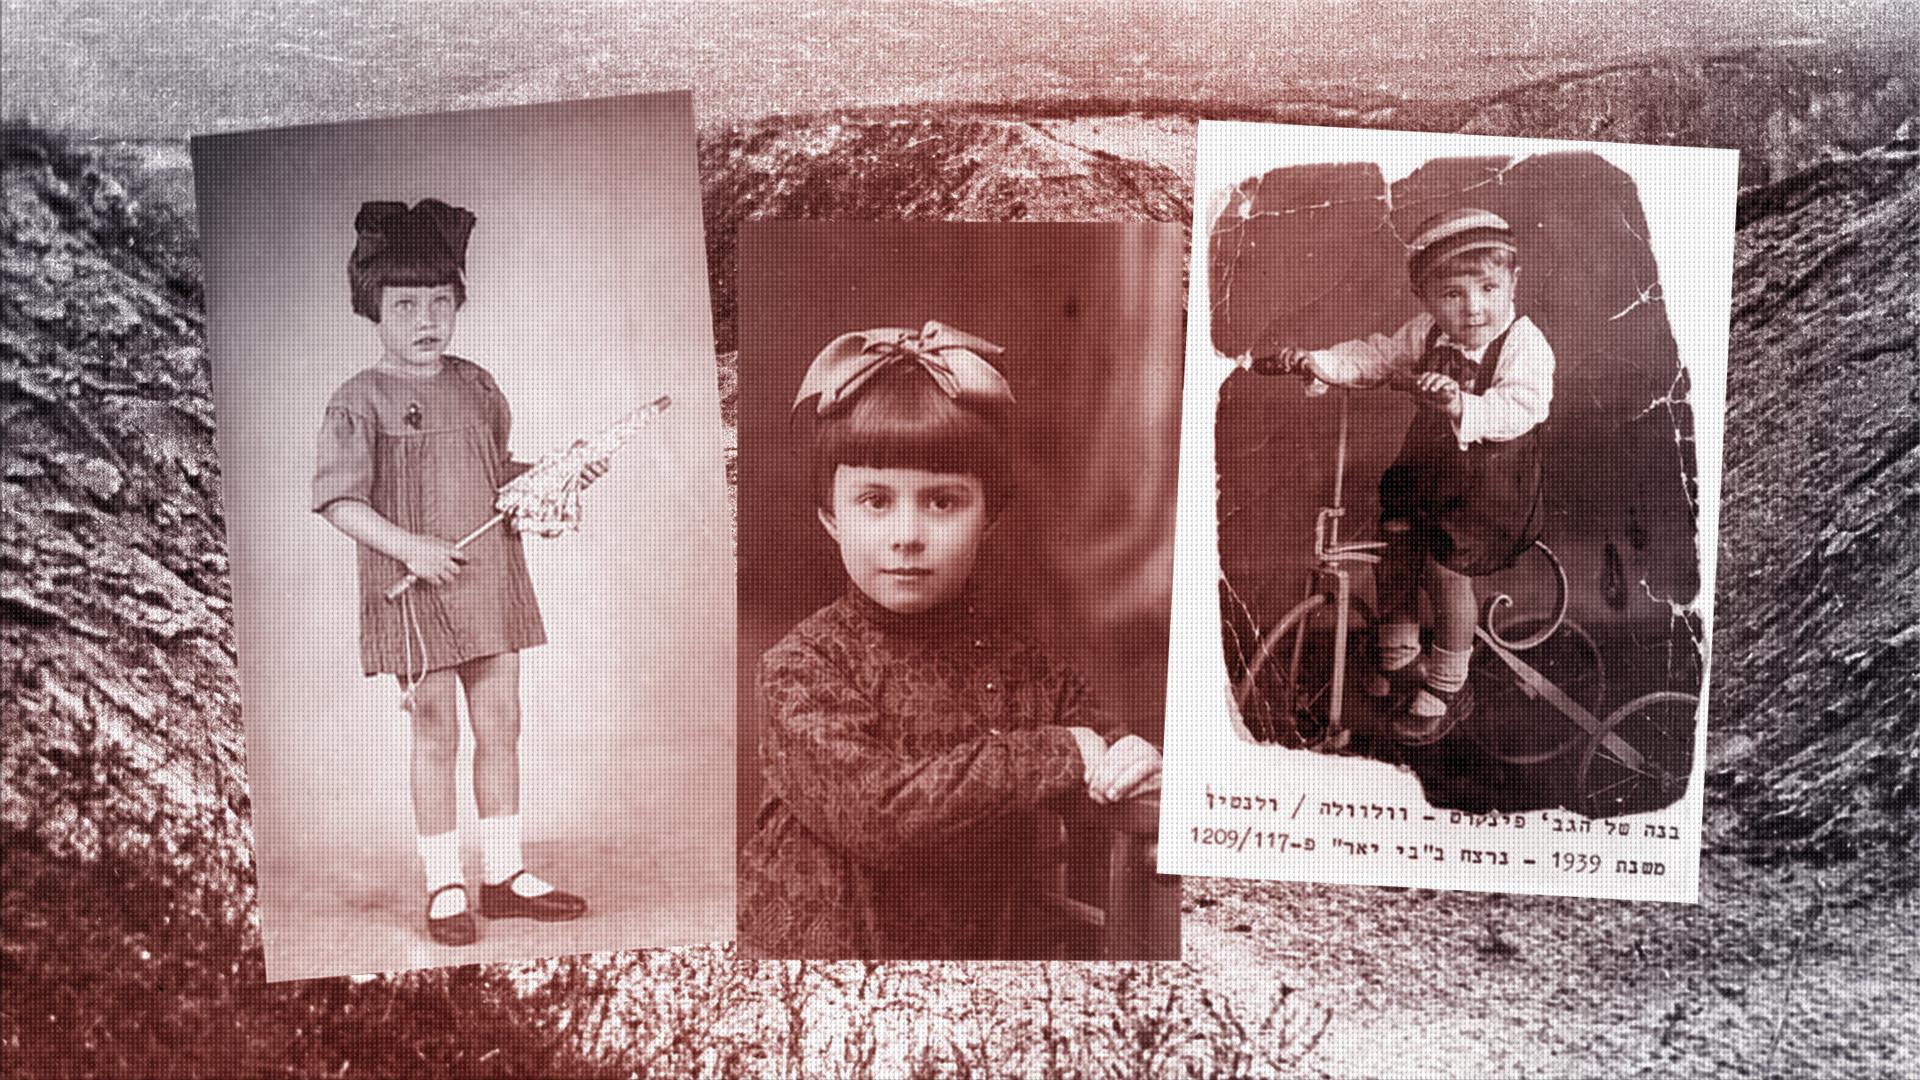 Жертвы Холокоста в Бабьем Яру. Справа налево: Маня Халеф, Анна Глинберг, Валентин. Фото © UNITED STATES HOLOCAUST MEMORIAL MUSEUM